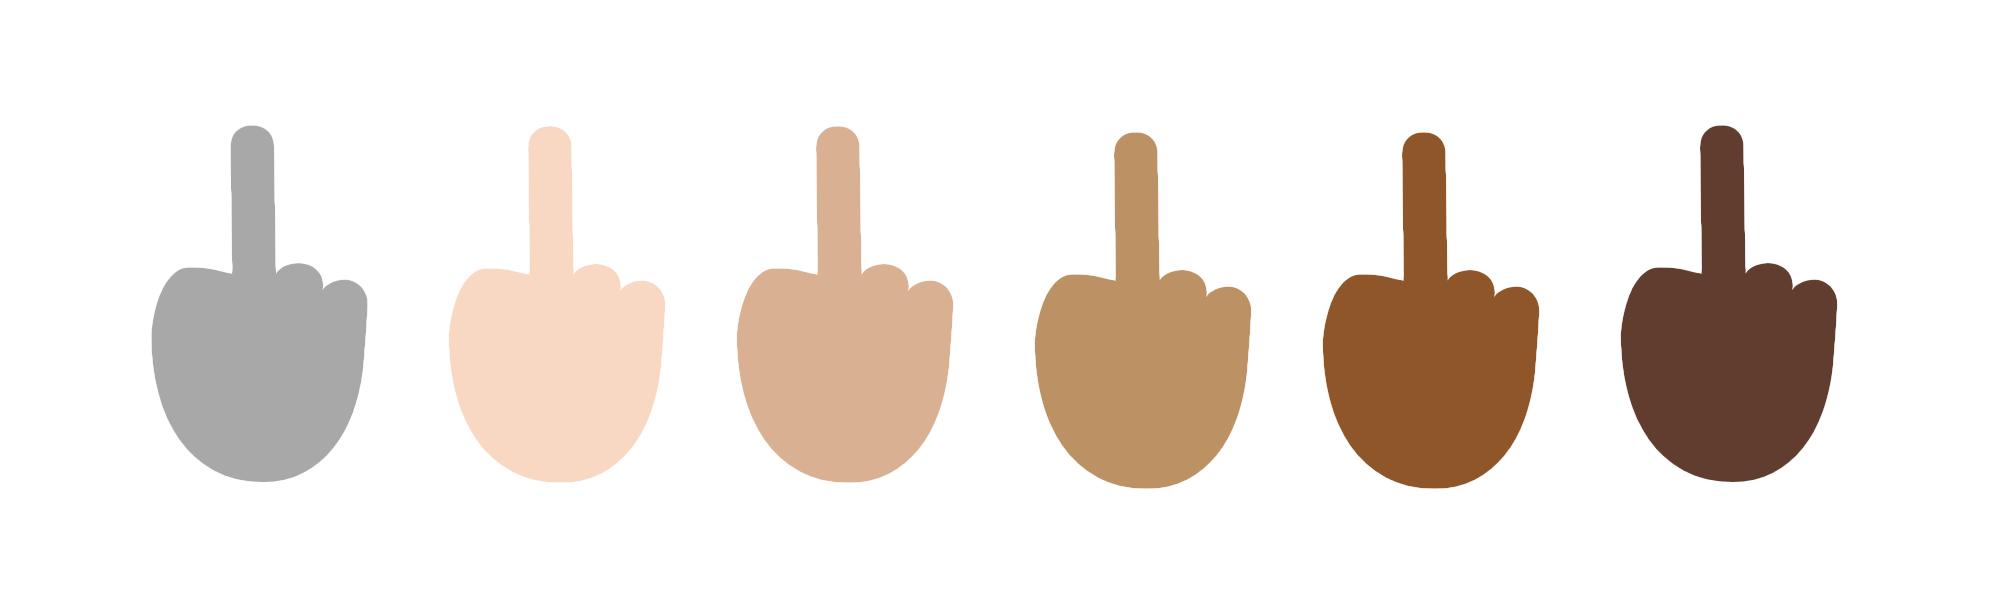 Windows 10 Emoji Changelog